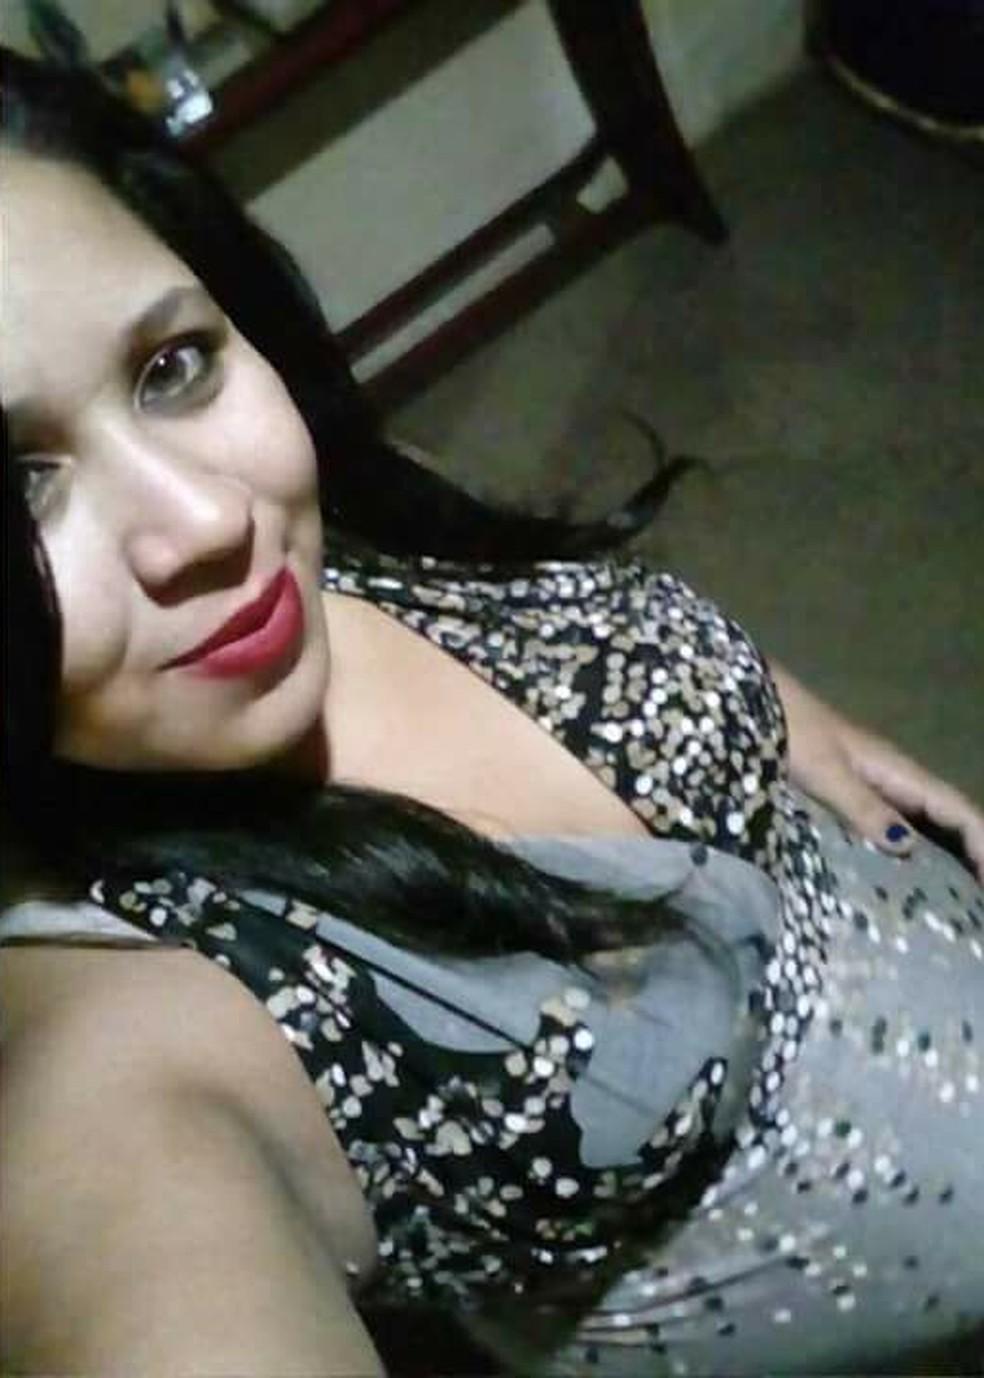 Antes de morrer, grávida reclamou de atendimento hospitalar  (Foto: Reprodução\Facebook de Thais Araújo)